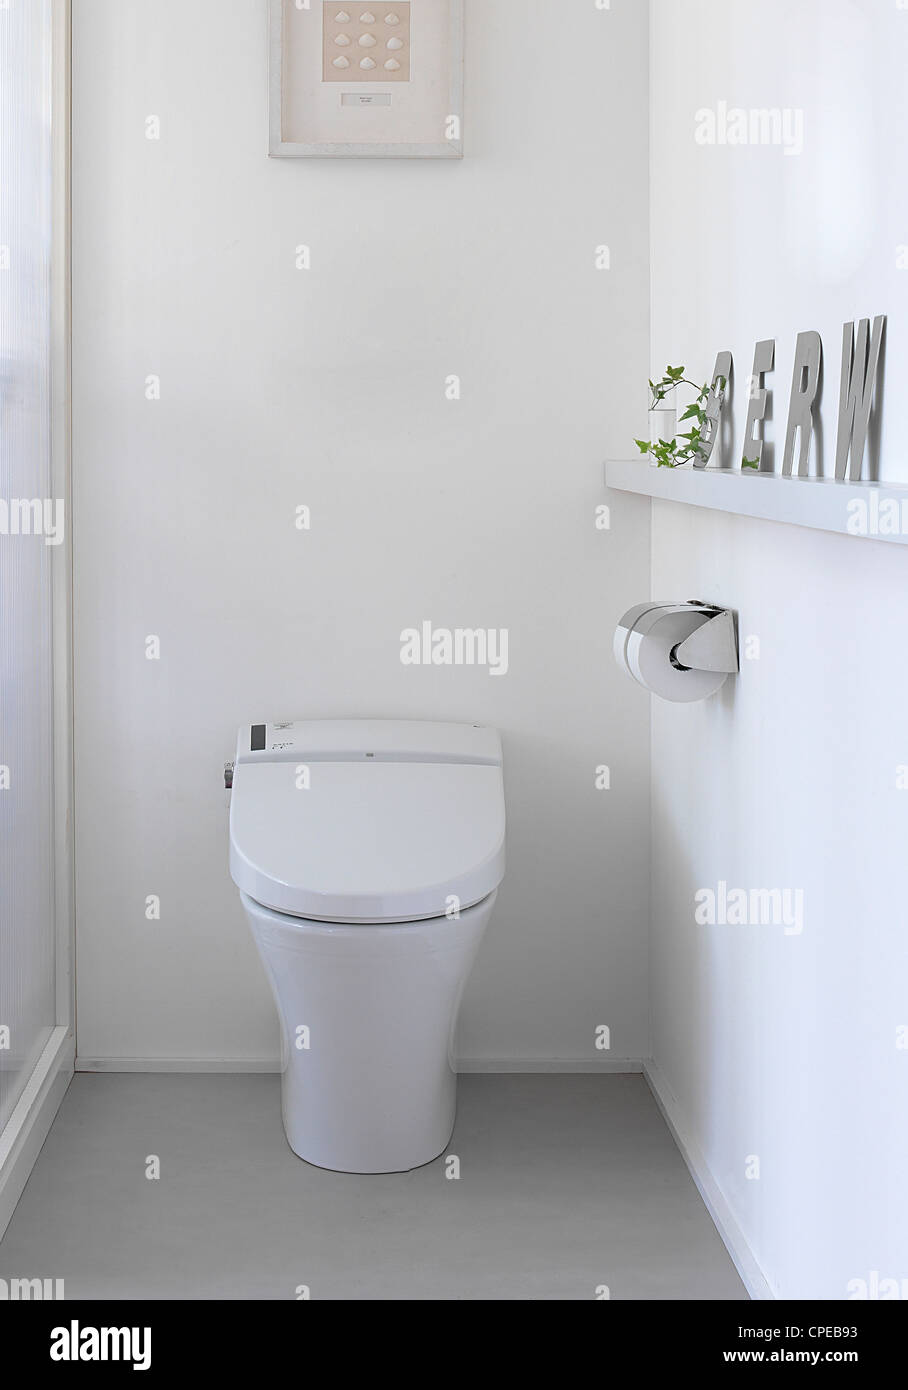 Interior Of Toilet, Toilet Seat Stock Photo: 48259375 - Alamy